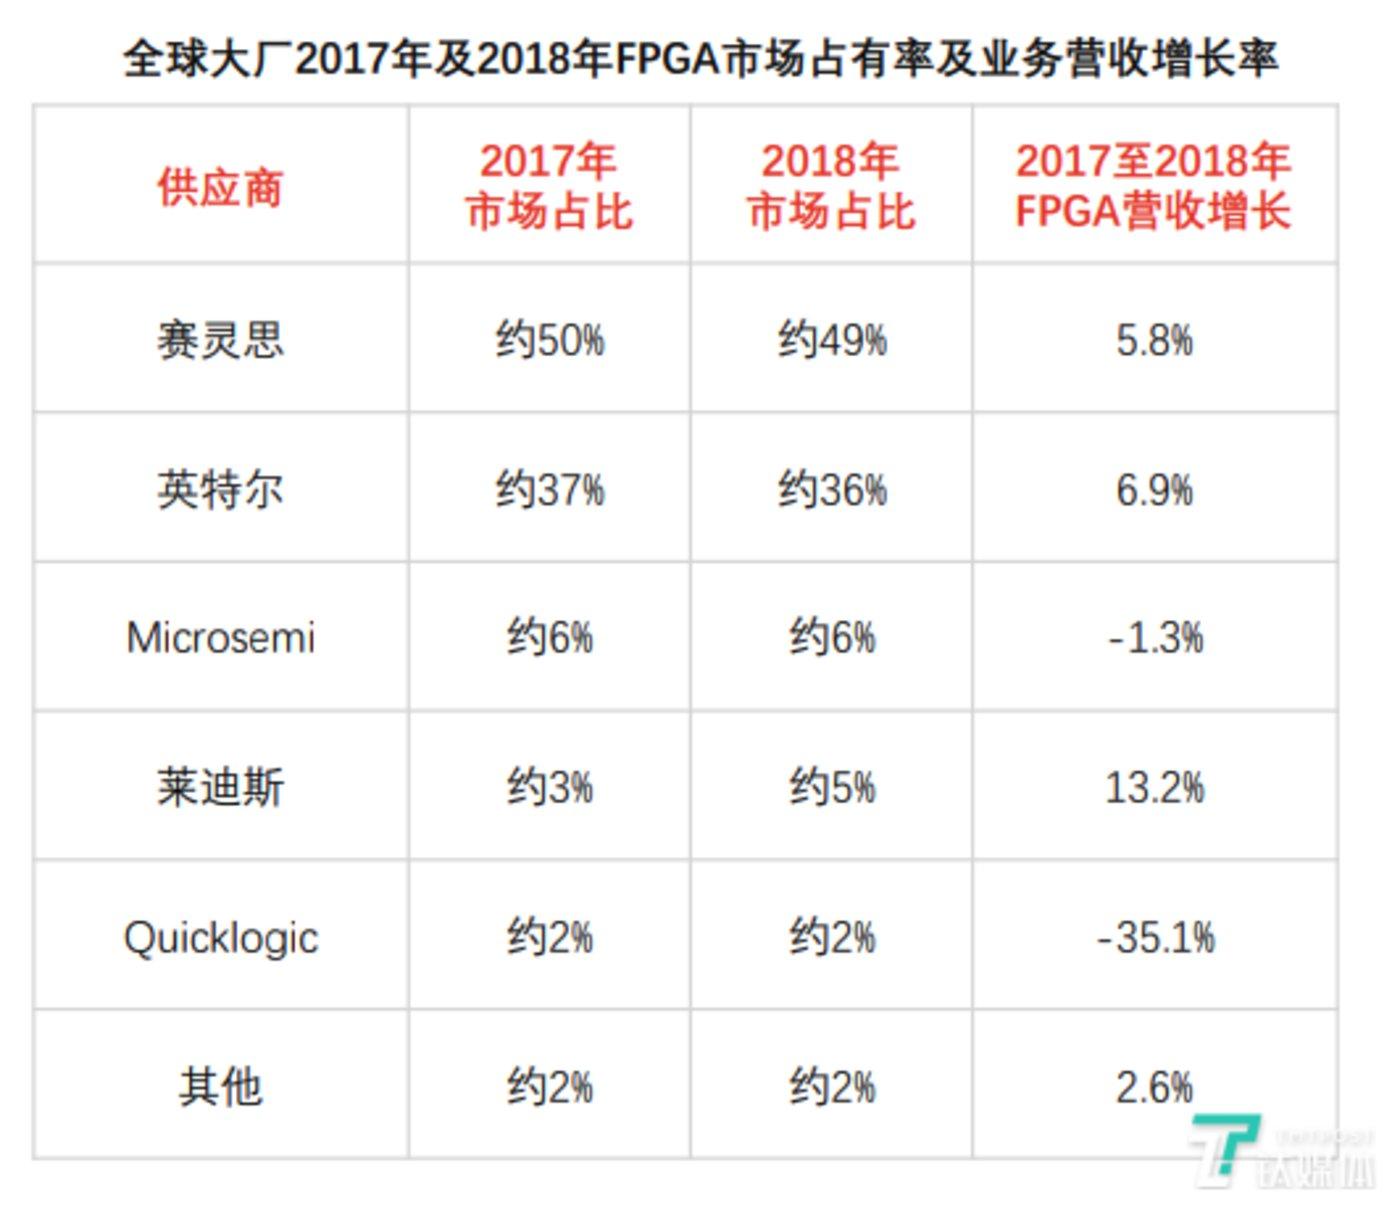 2017年及2018年全球FPGA市场占有率及业务营收增长率(来源:弗若斯特沙利文)